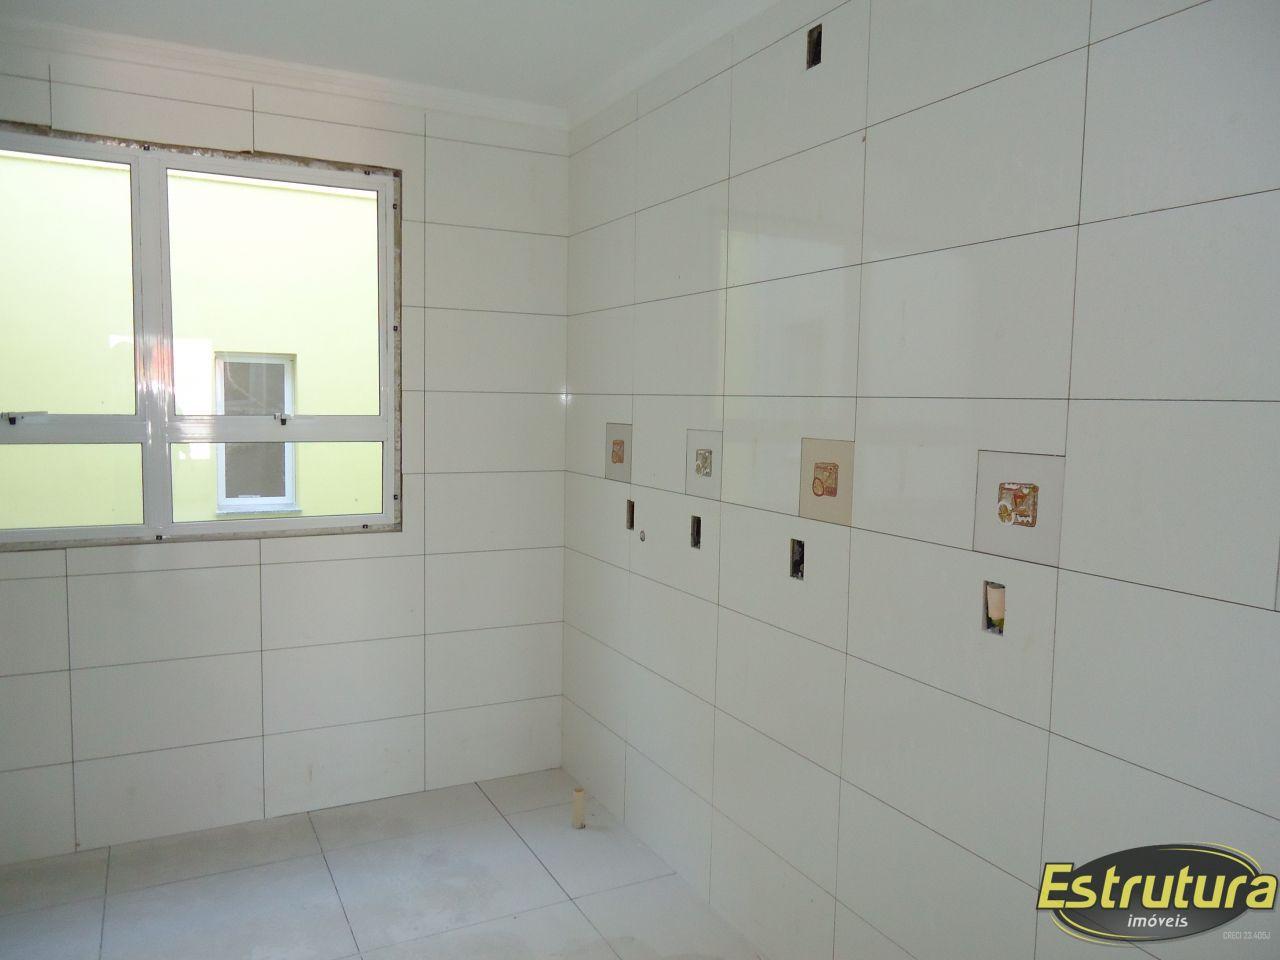 Apartamento com 2 Dormitórios à venda, 65 m² por R$ 290.000,00